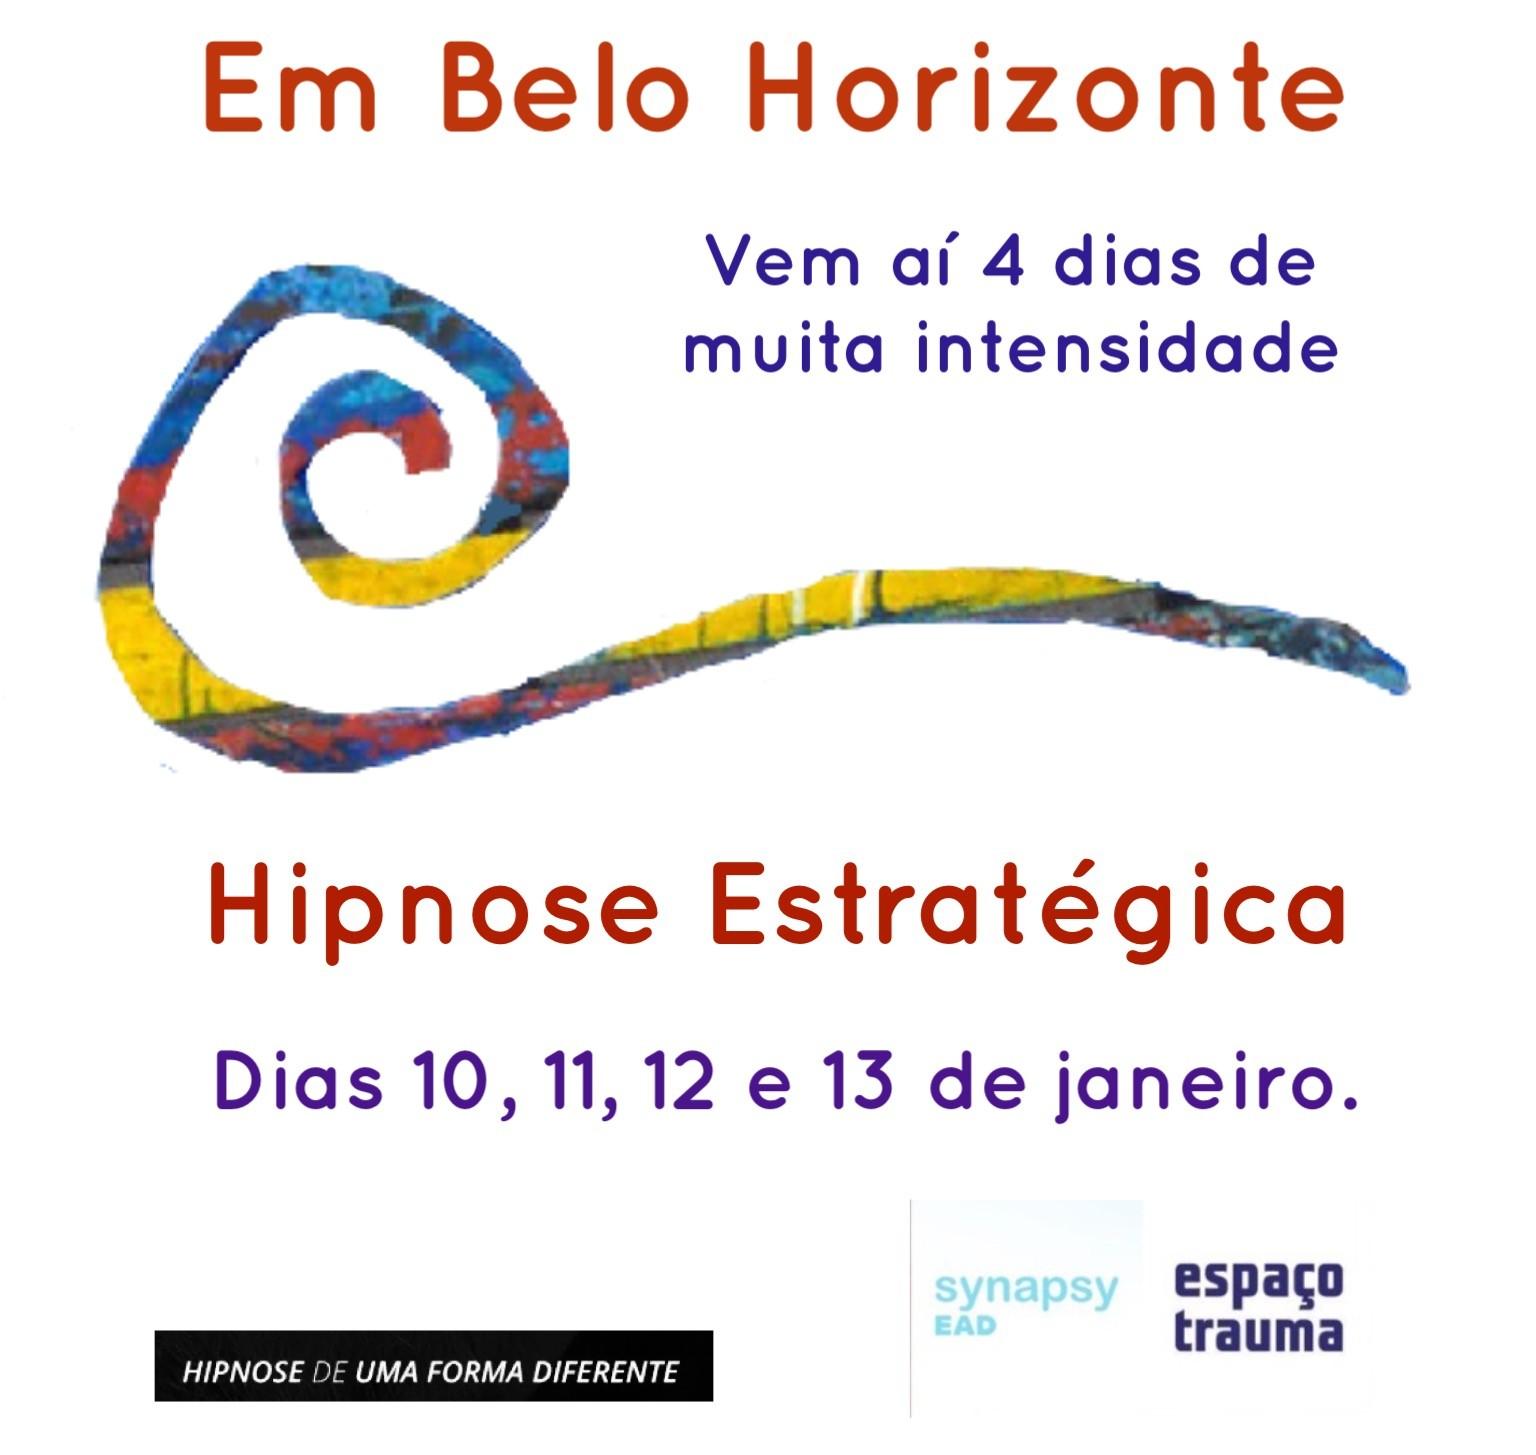 HIPNOSE ESTRATÉGICA - BELO HORIZONTE